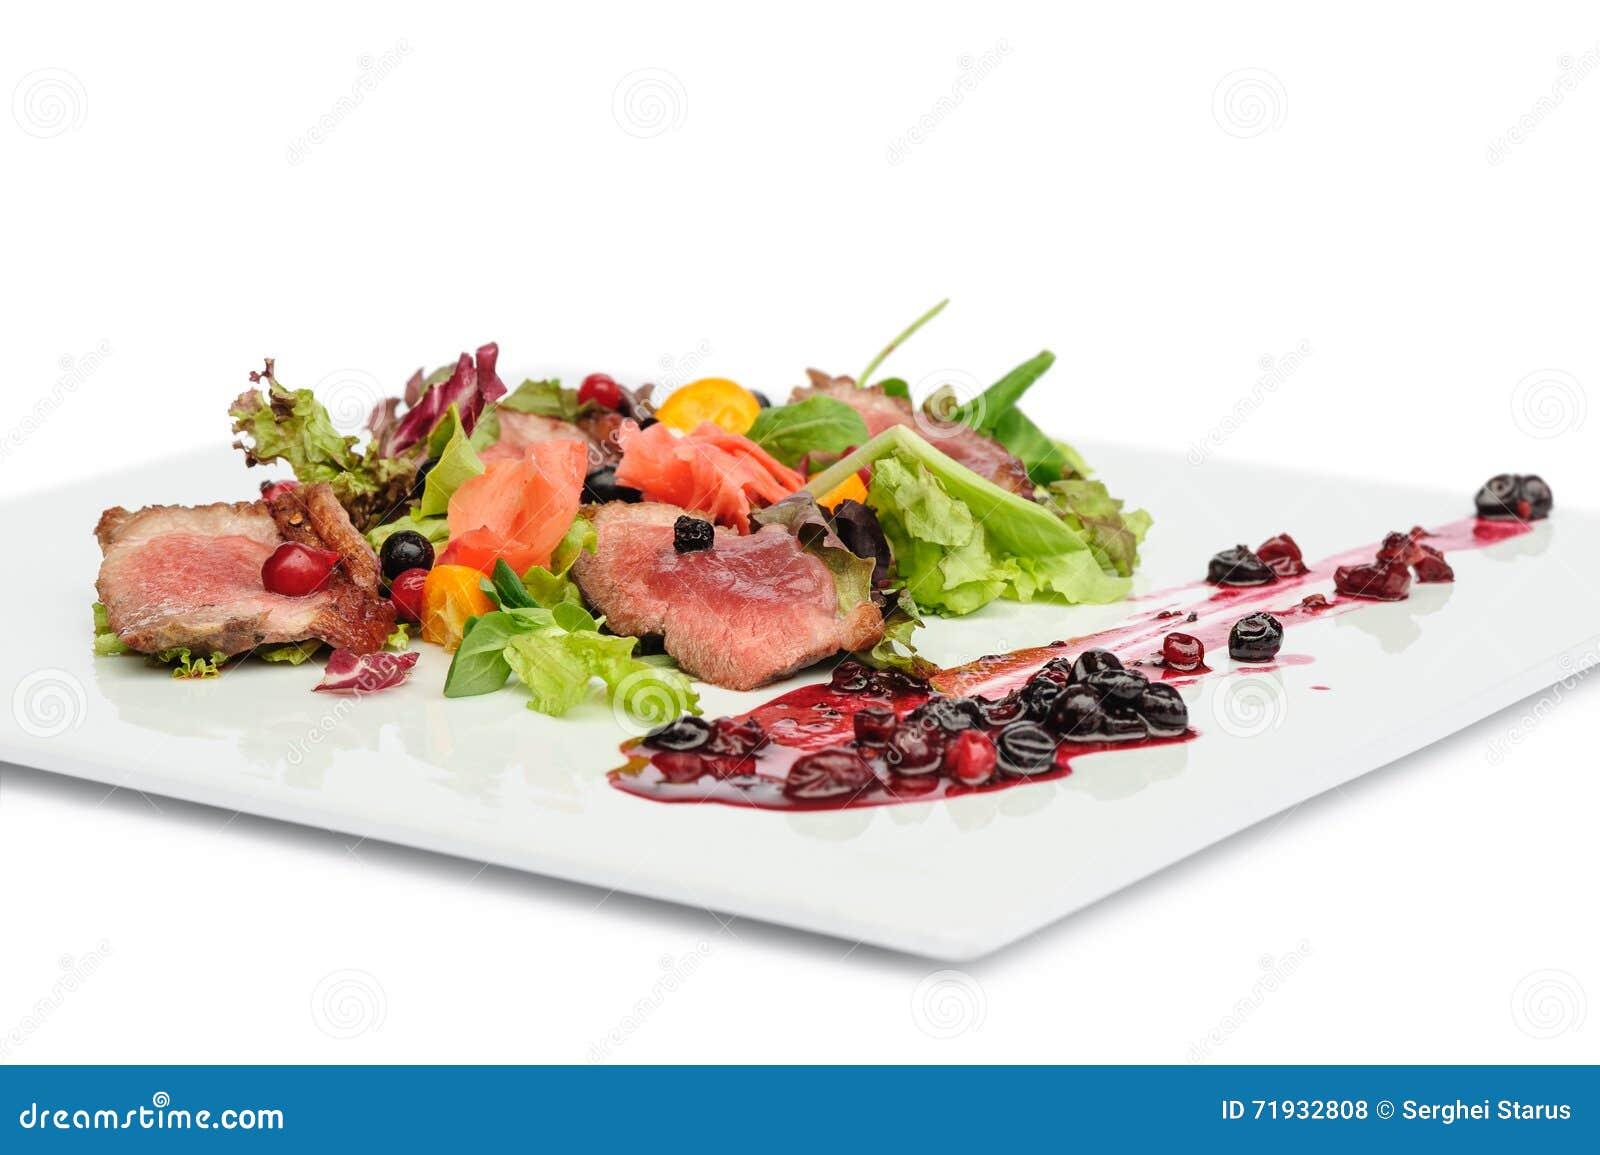 Зажаренное мясо с соусом клюквы и blackcurrant